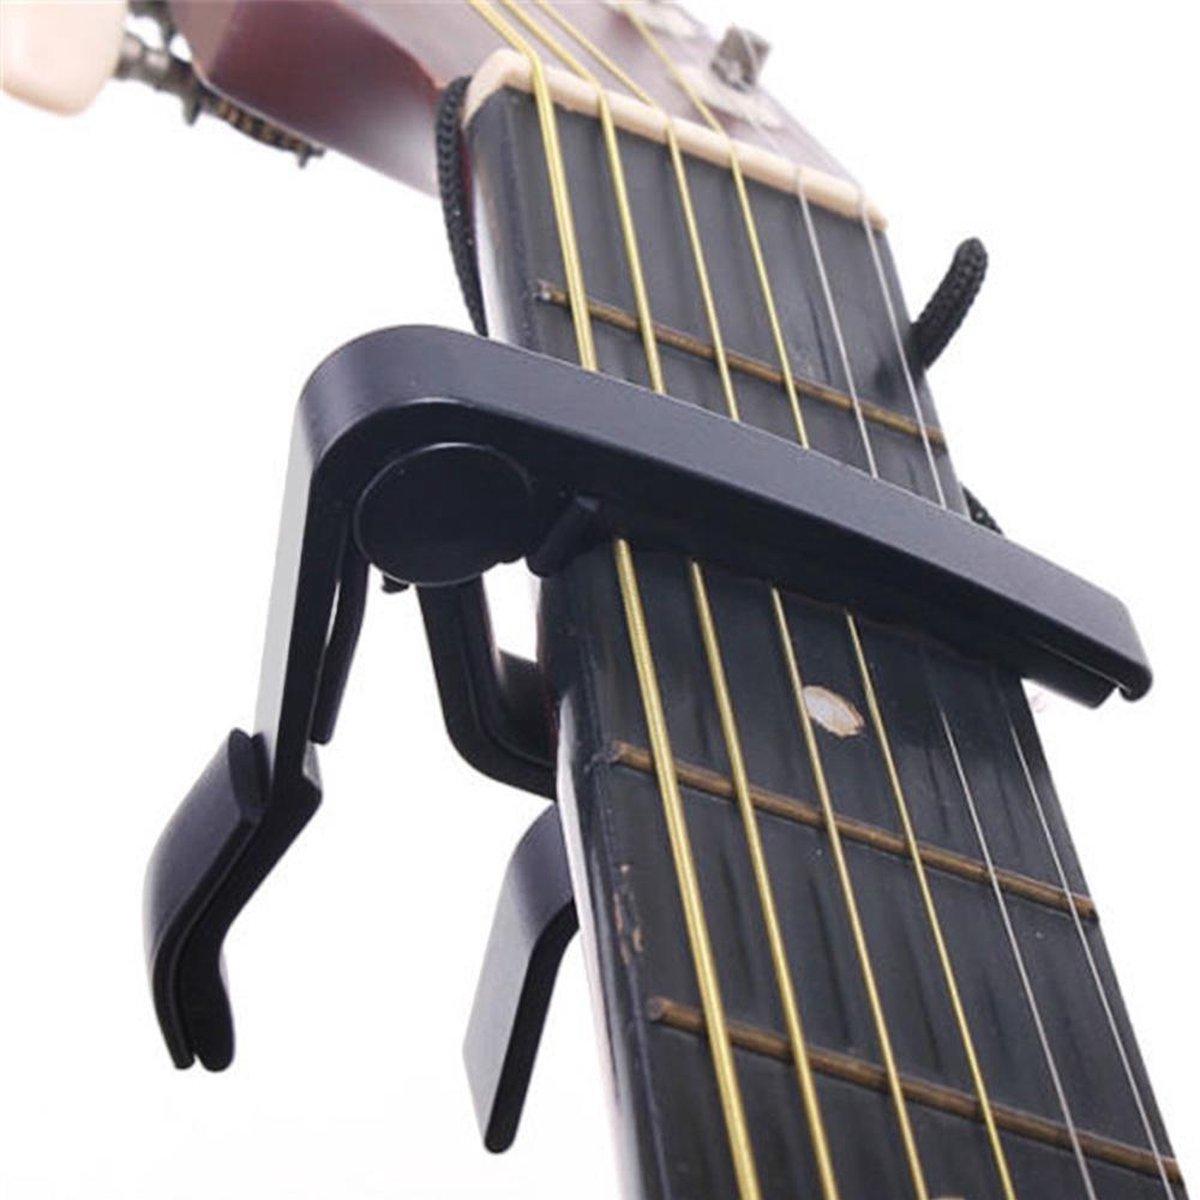 Multi Capo voor Gitaar - Elektrisch - Akoestisch - Luxe Capo - Modern Design - Zwart